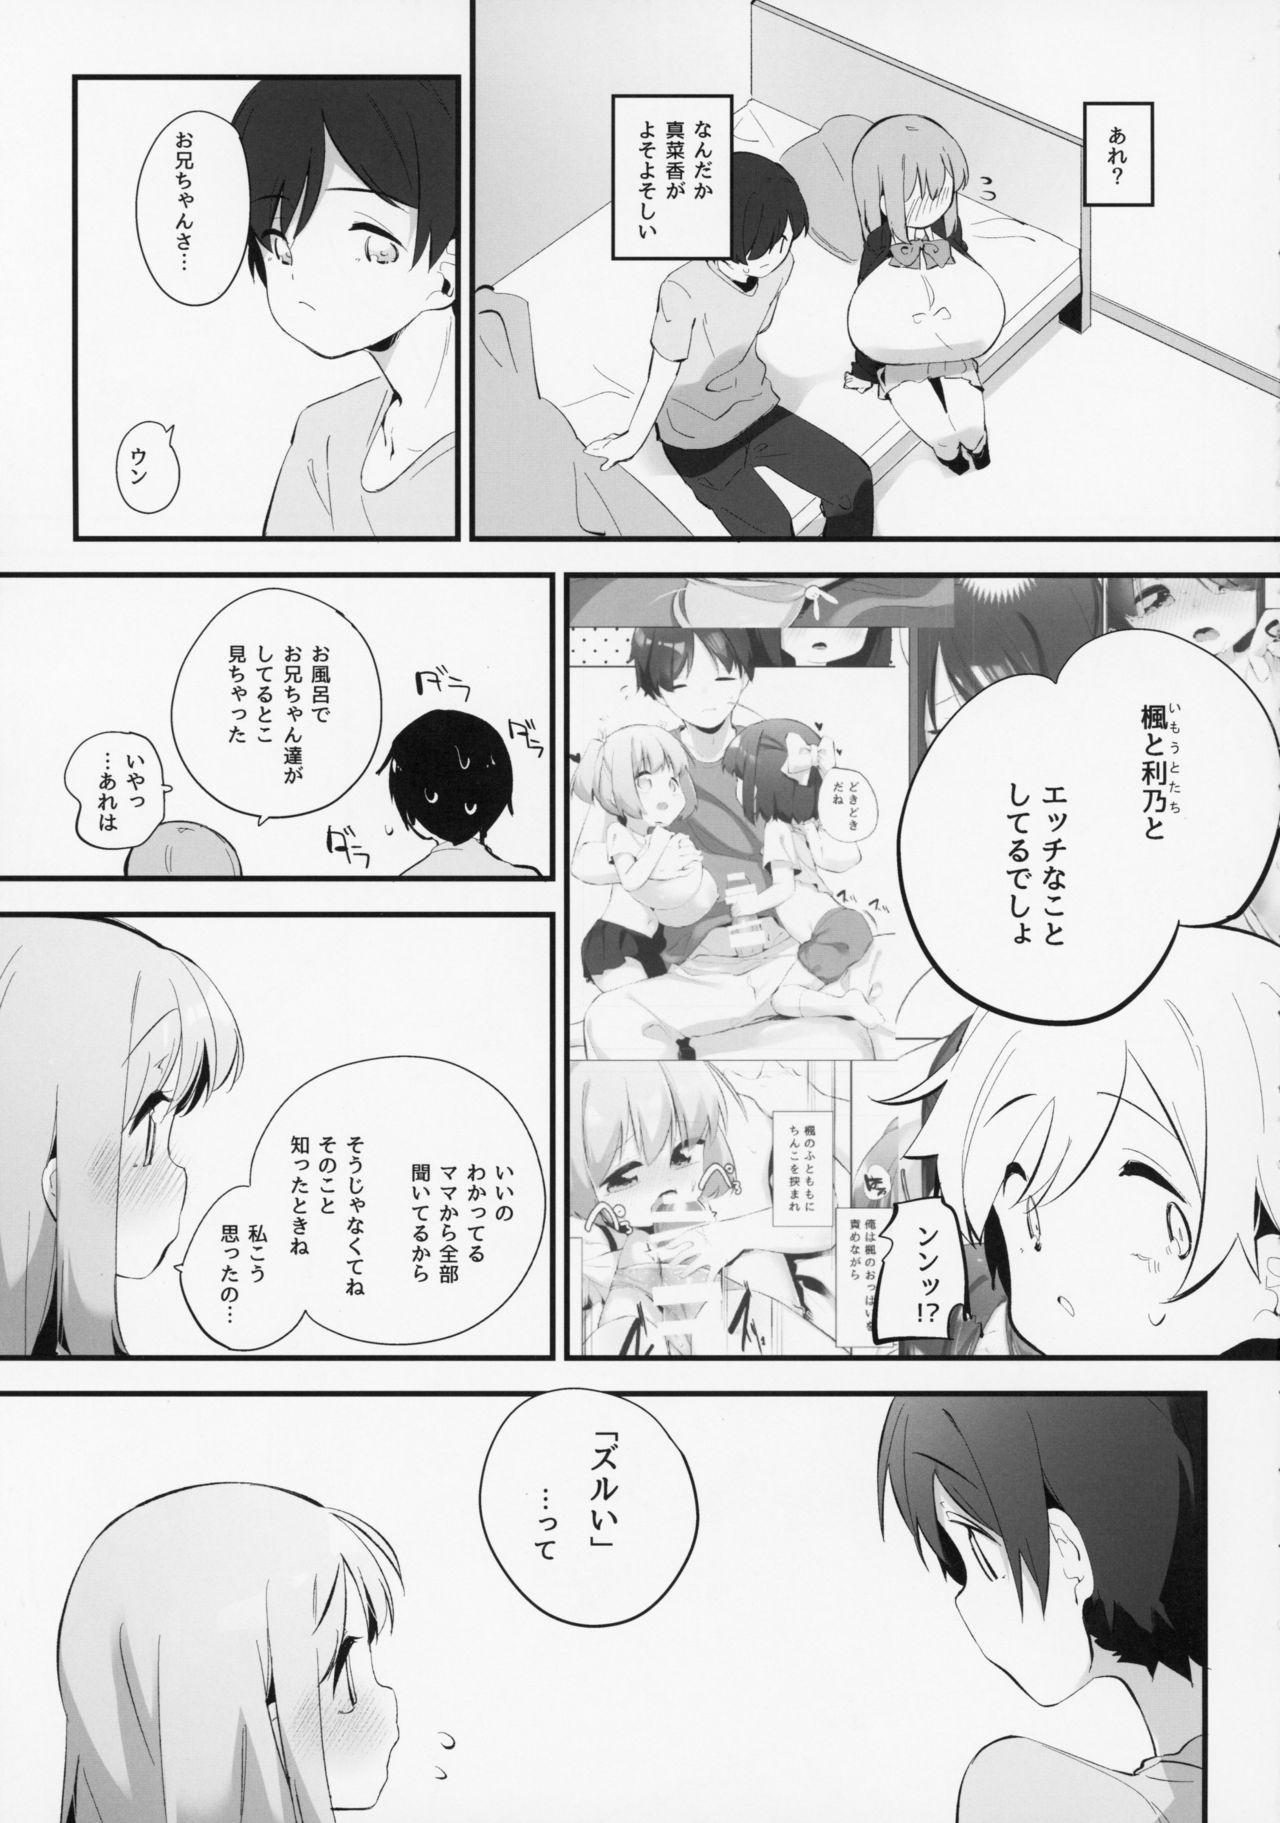 Imouto ni Hasamarete Shiawasedesho? 2 3